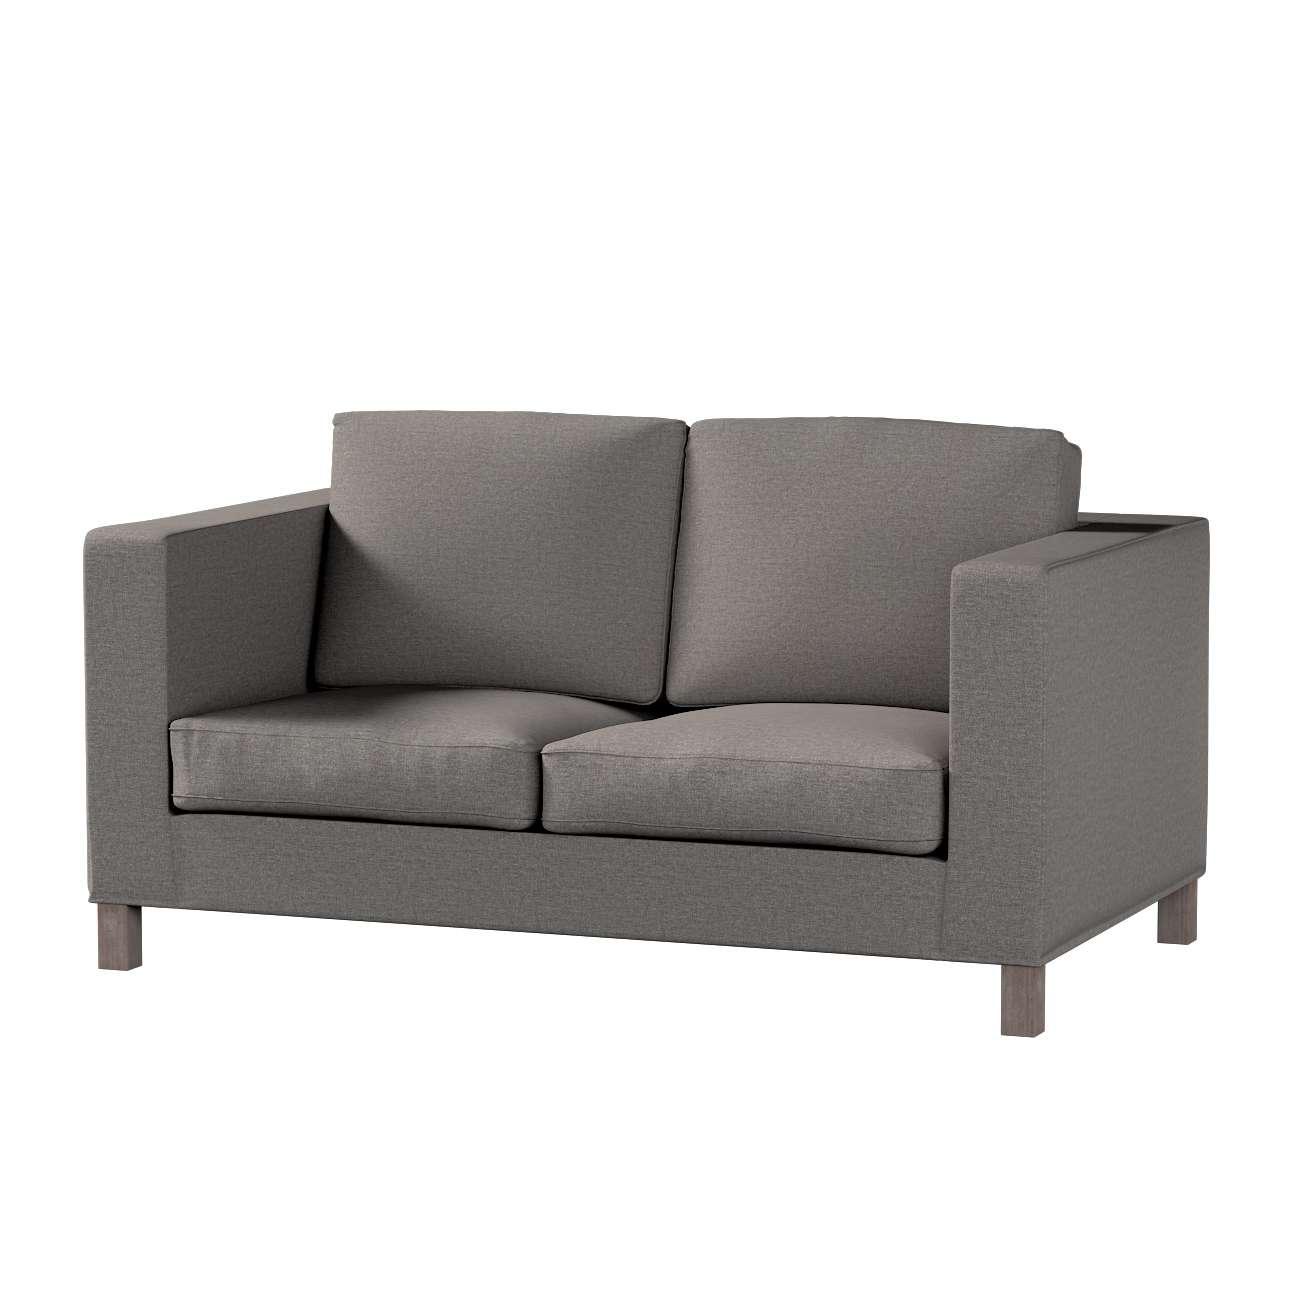 Pokrowiec na sofę Karlanda 2-osobową nierozkładaną, krótki Sofa Karlanda 2-os w kolekcji Edinburgh, tkanina: 115-77